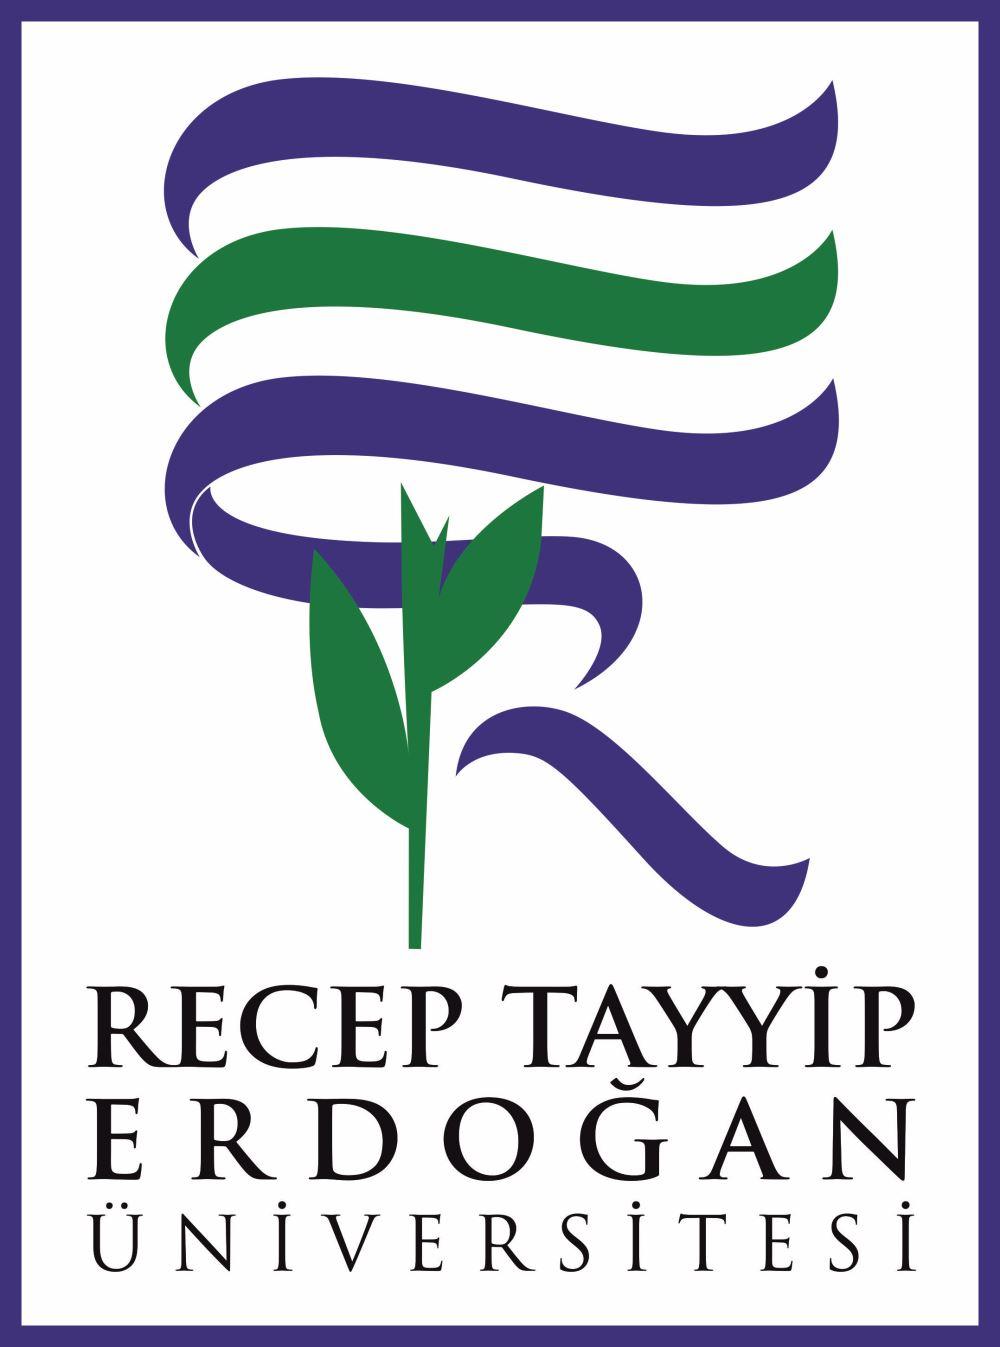 recep tayyip erdoğan üniversitesi logo ile ilgili görsel sonucu